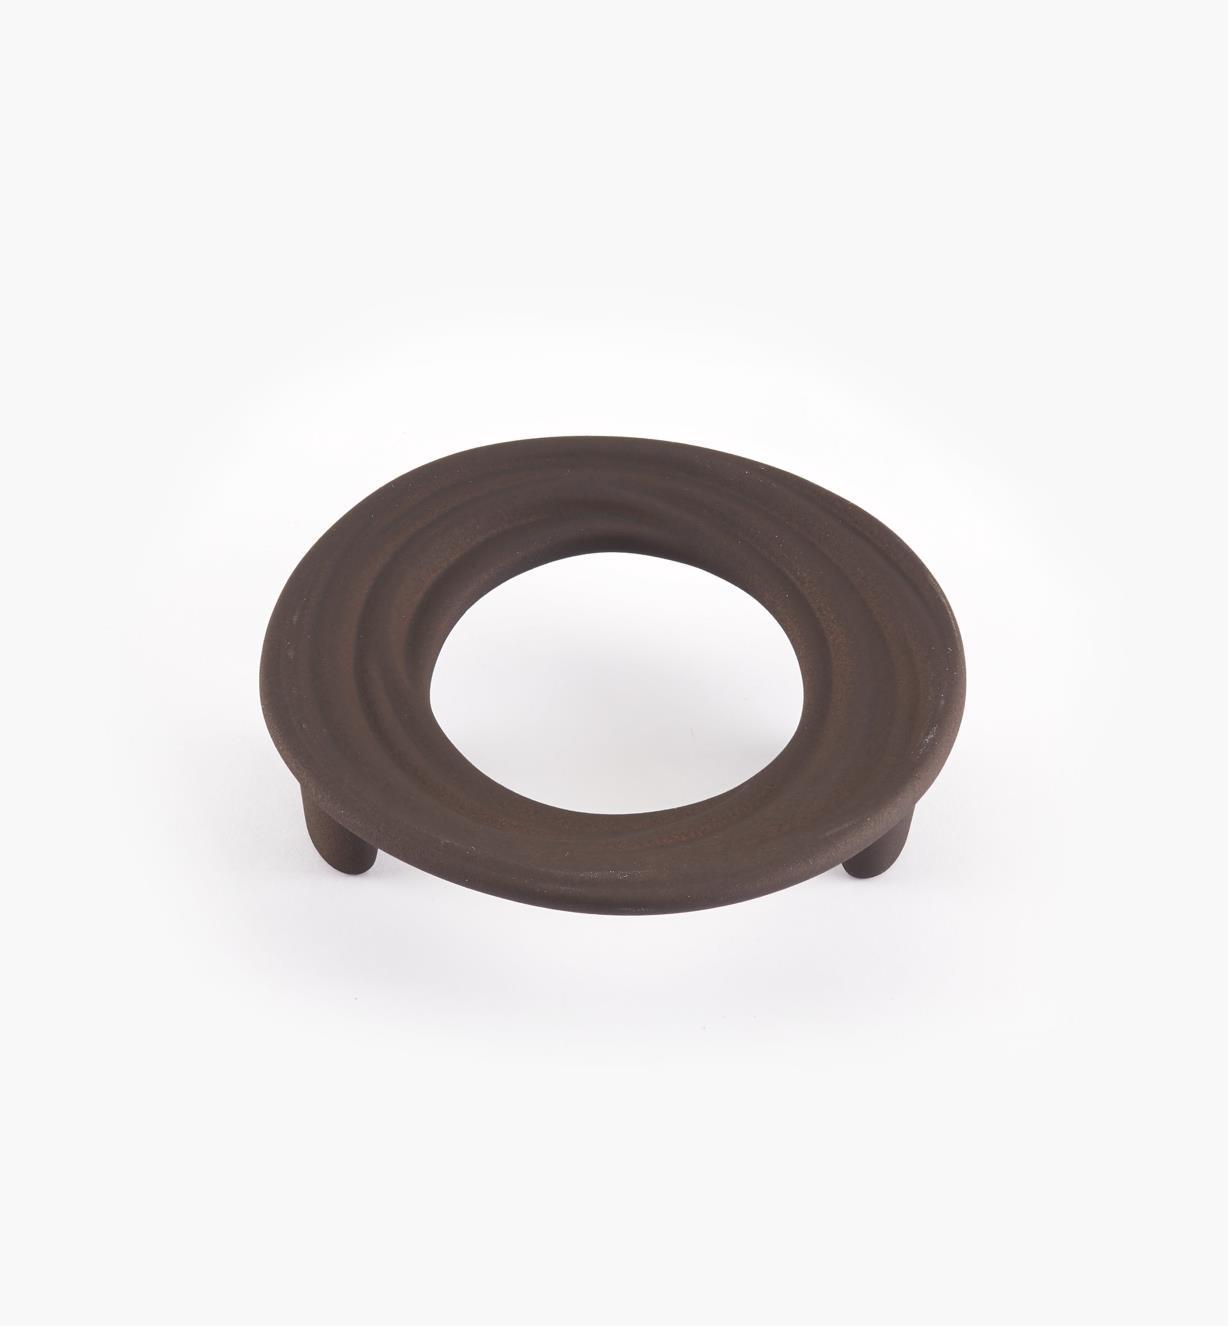 00A7416 - Poignée Oasis ronde, finikassite, 64mm